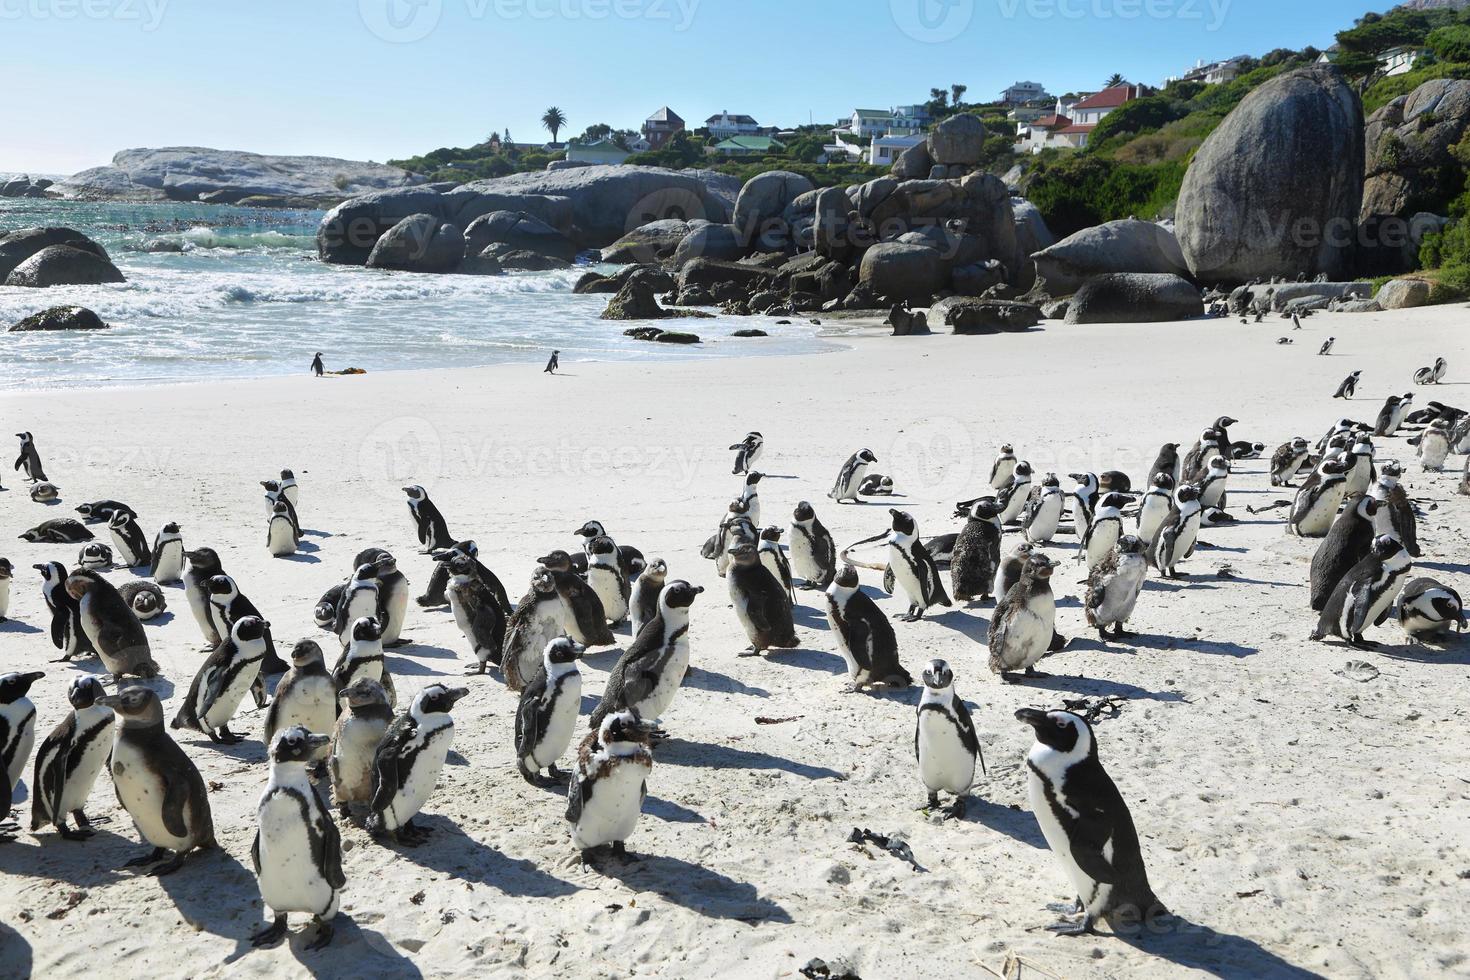 pingüinos africanos en la playa de cantos rodados foto